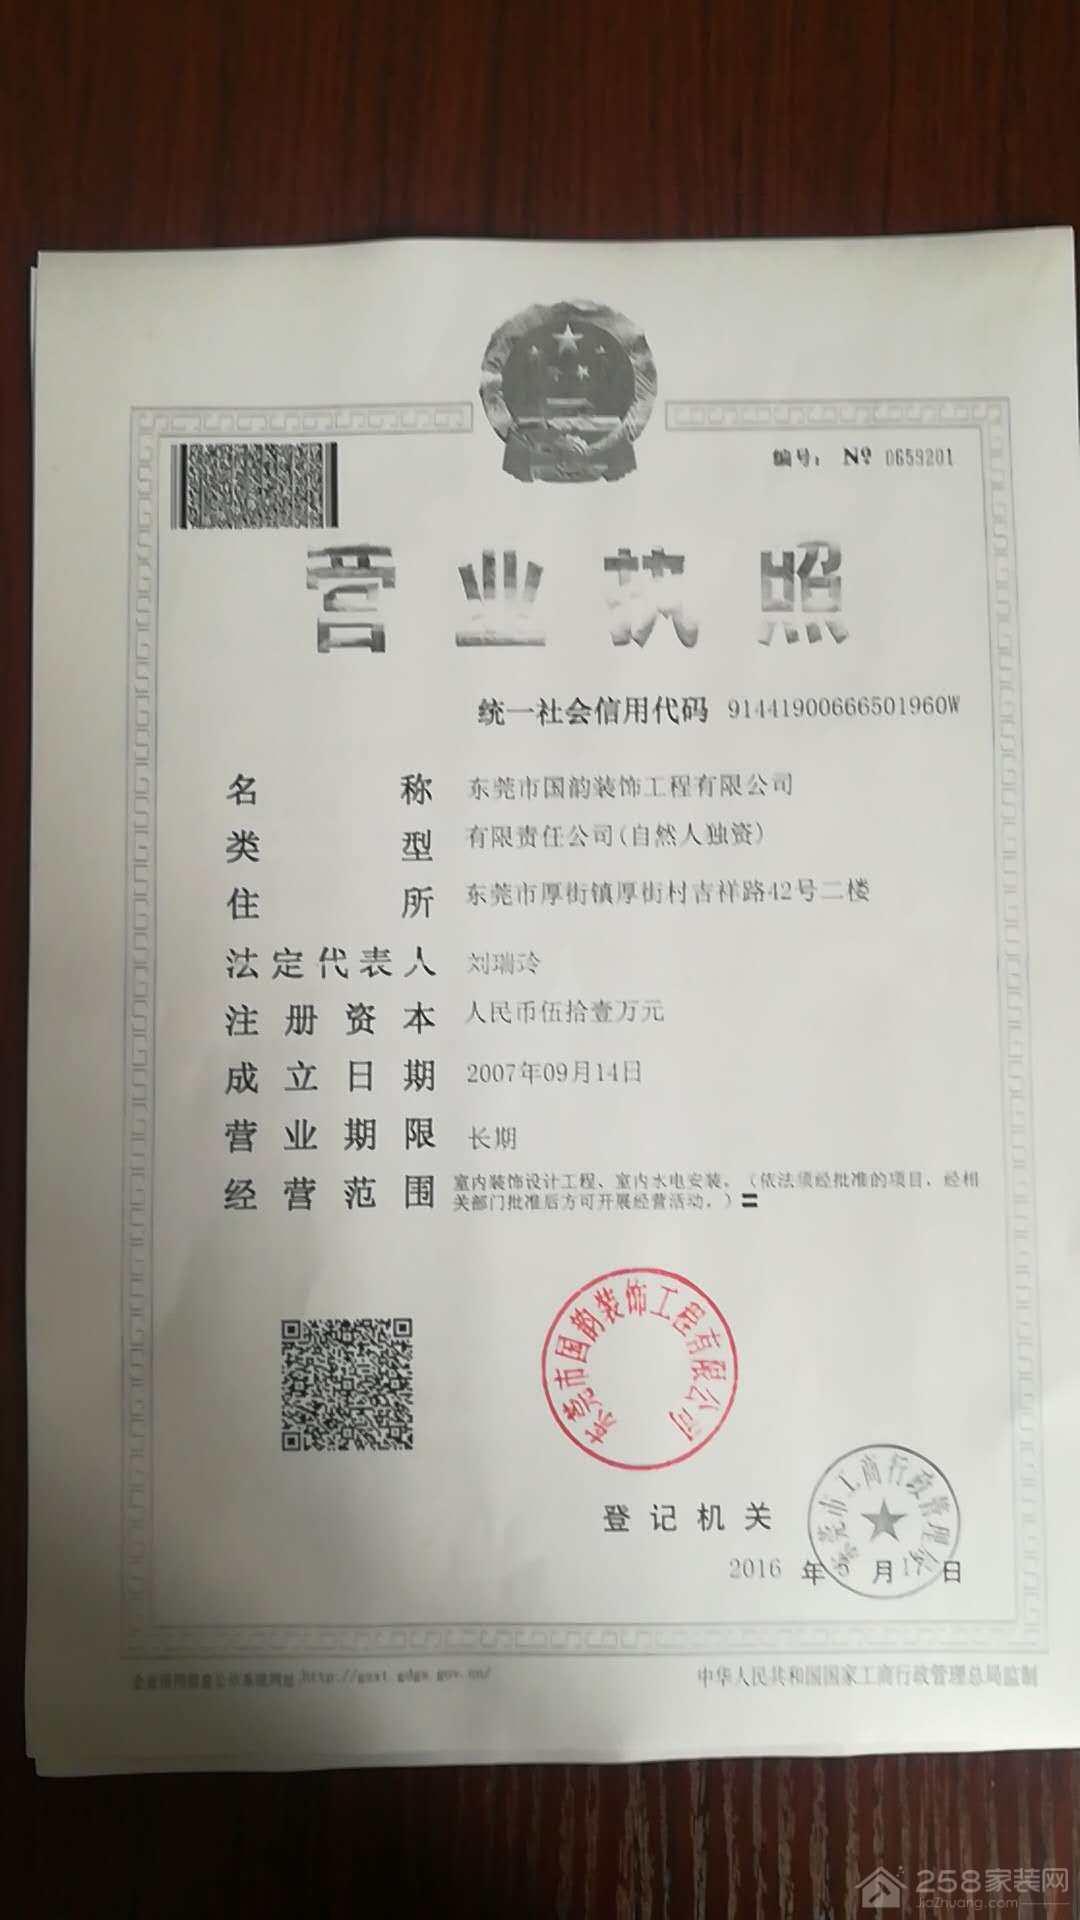 东莞国韵装饰工程有限公司